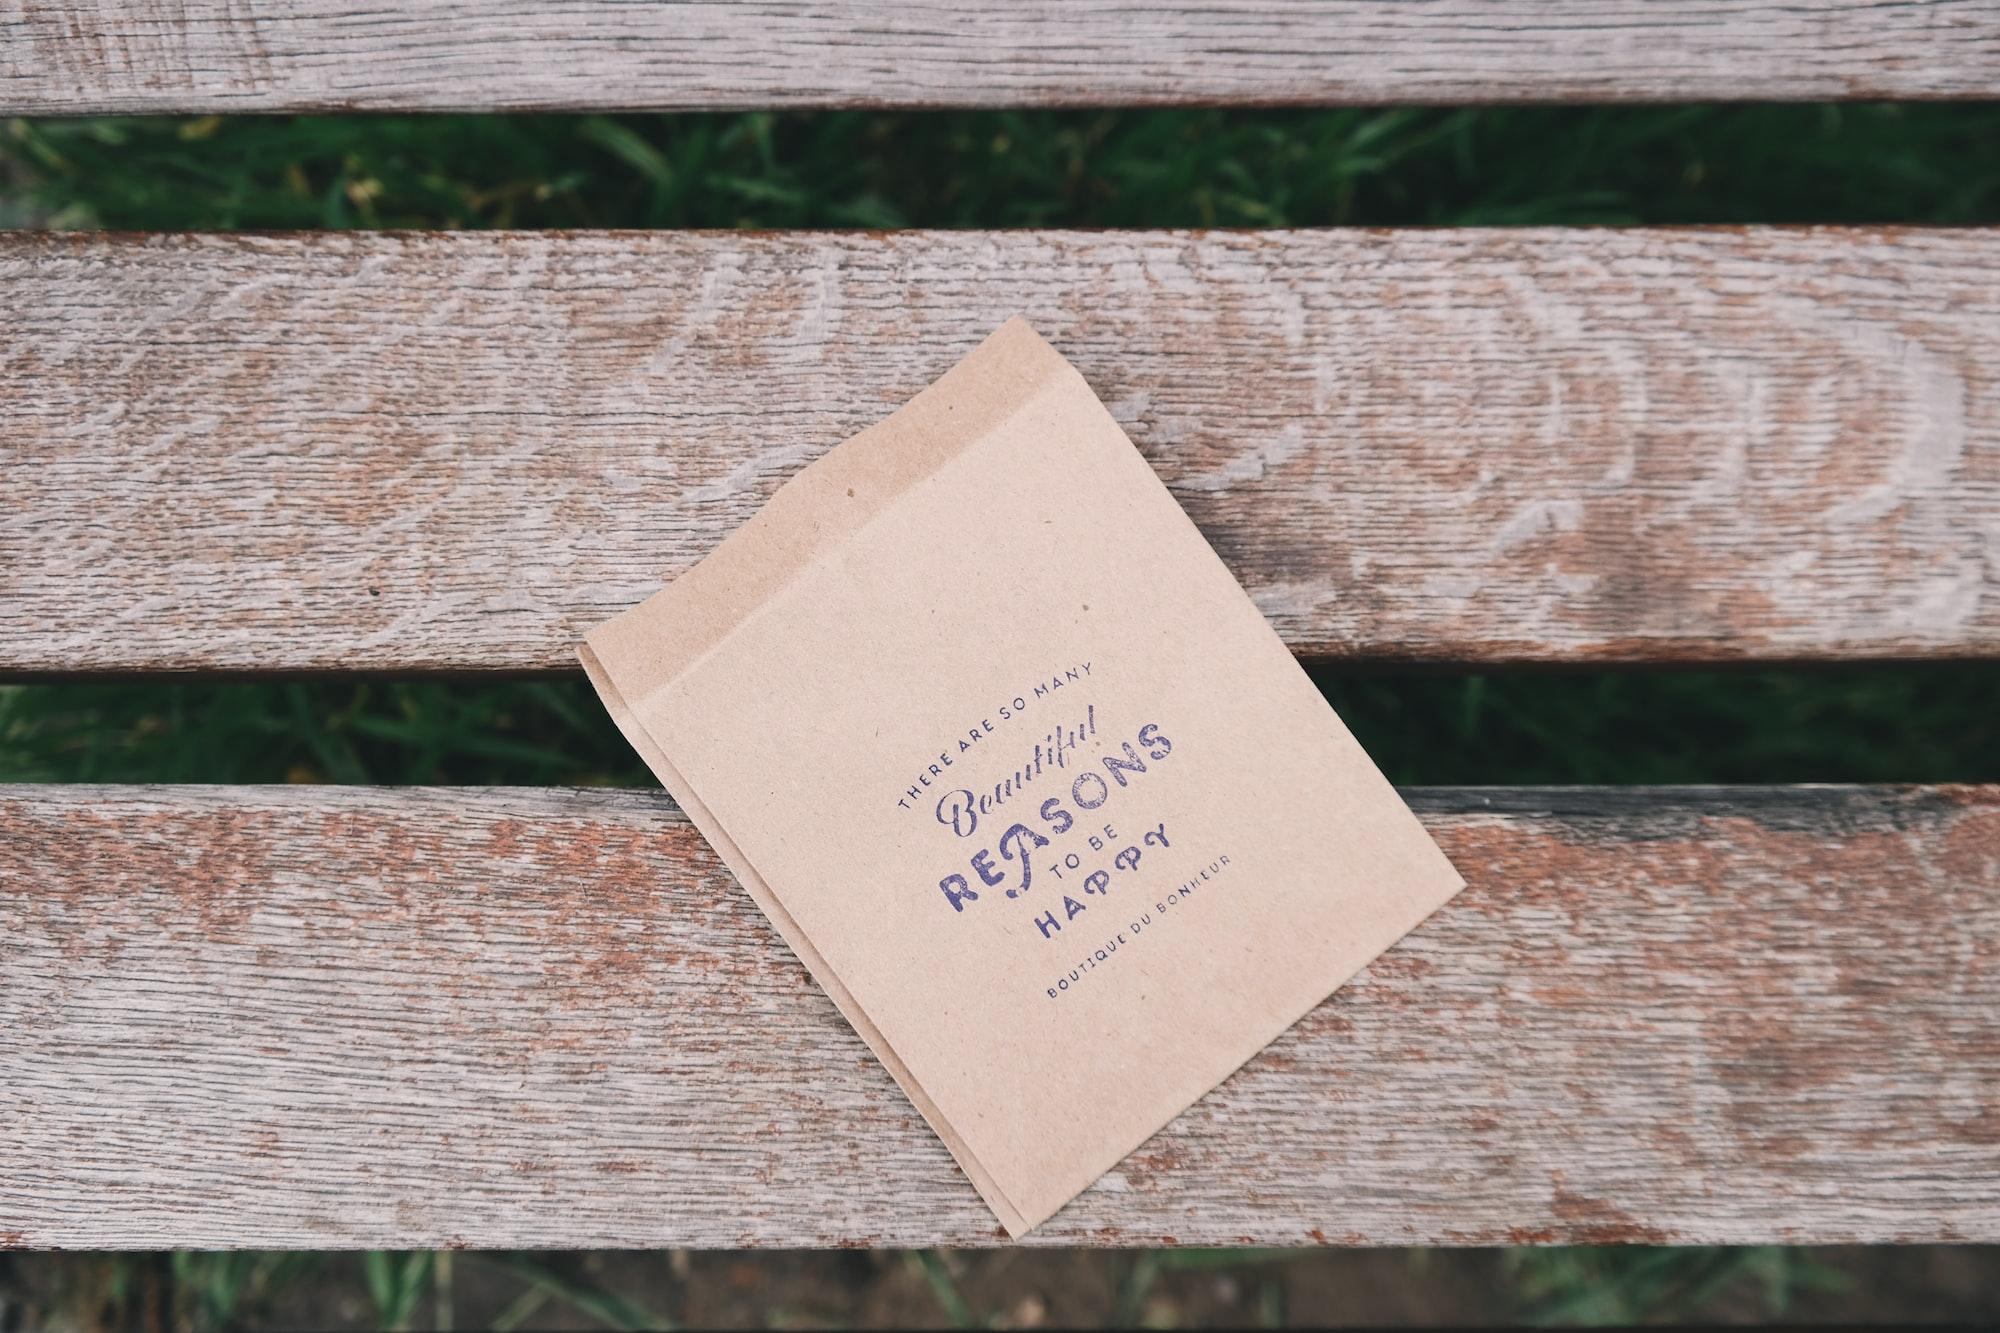 Stationery on a bench